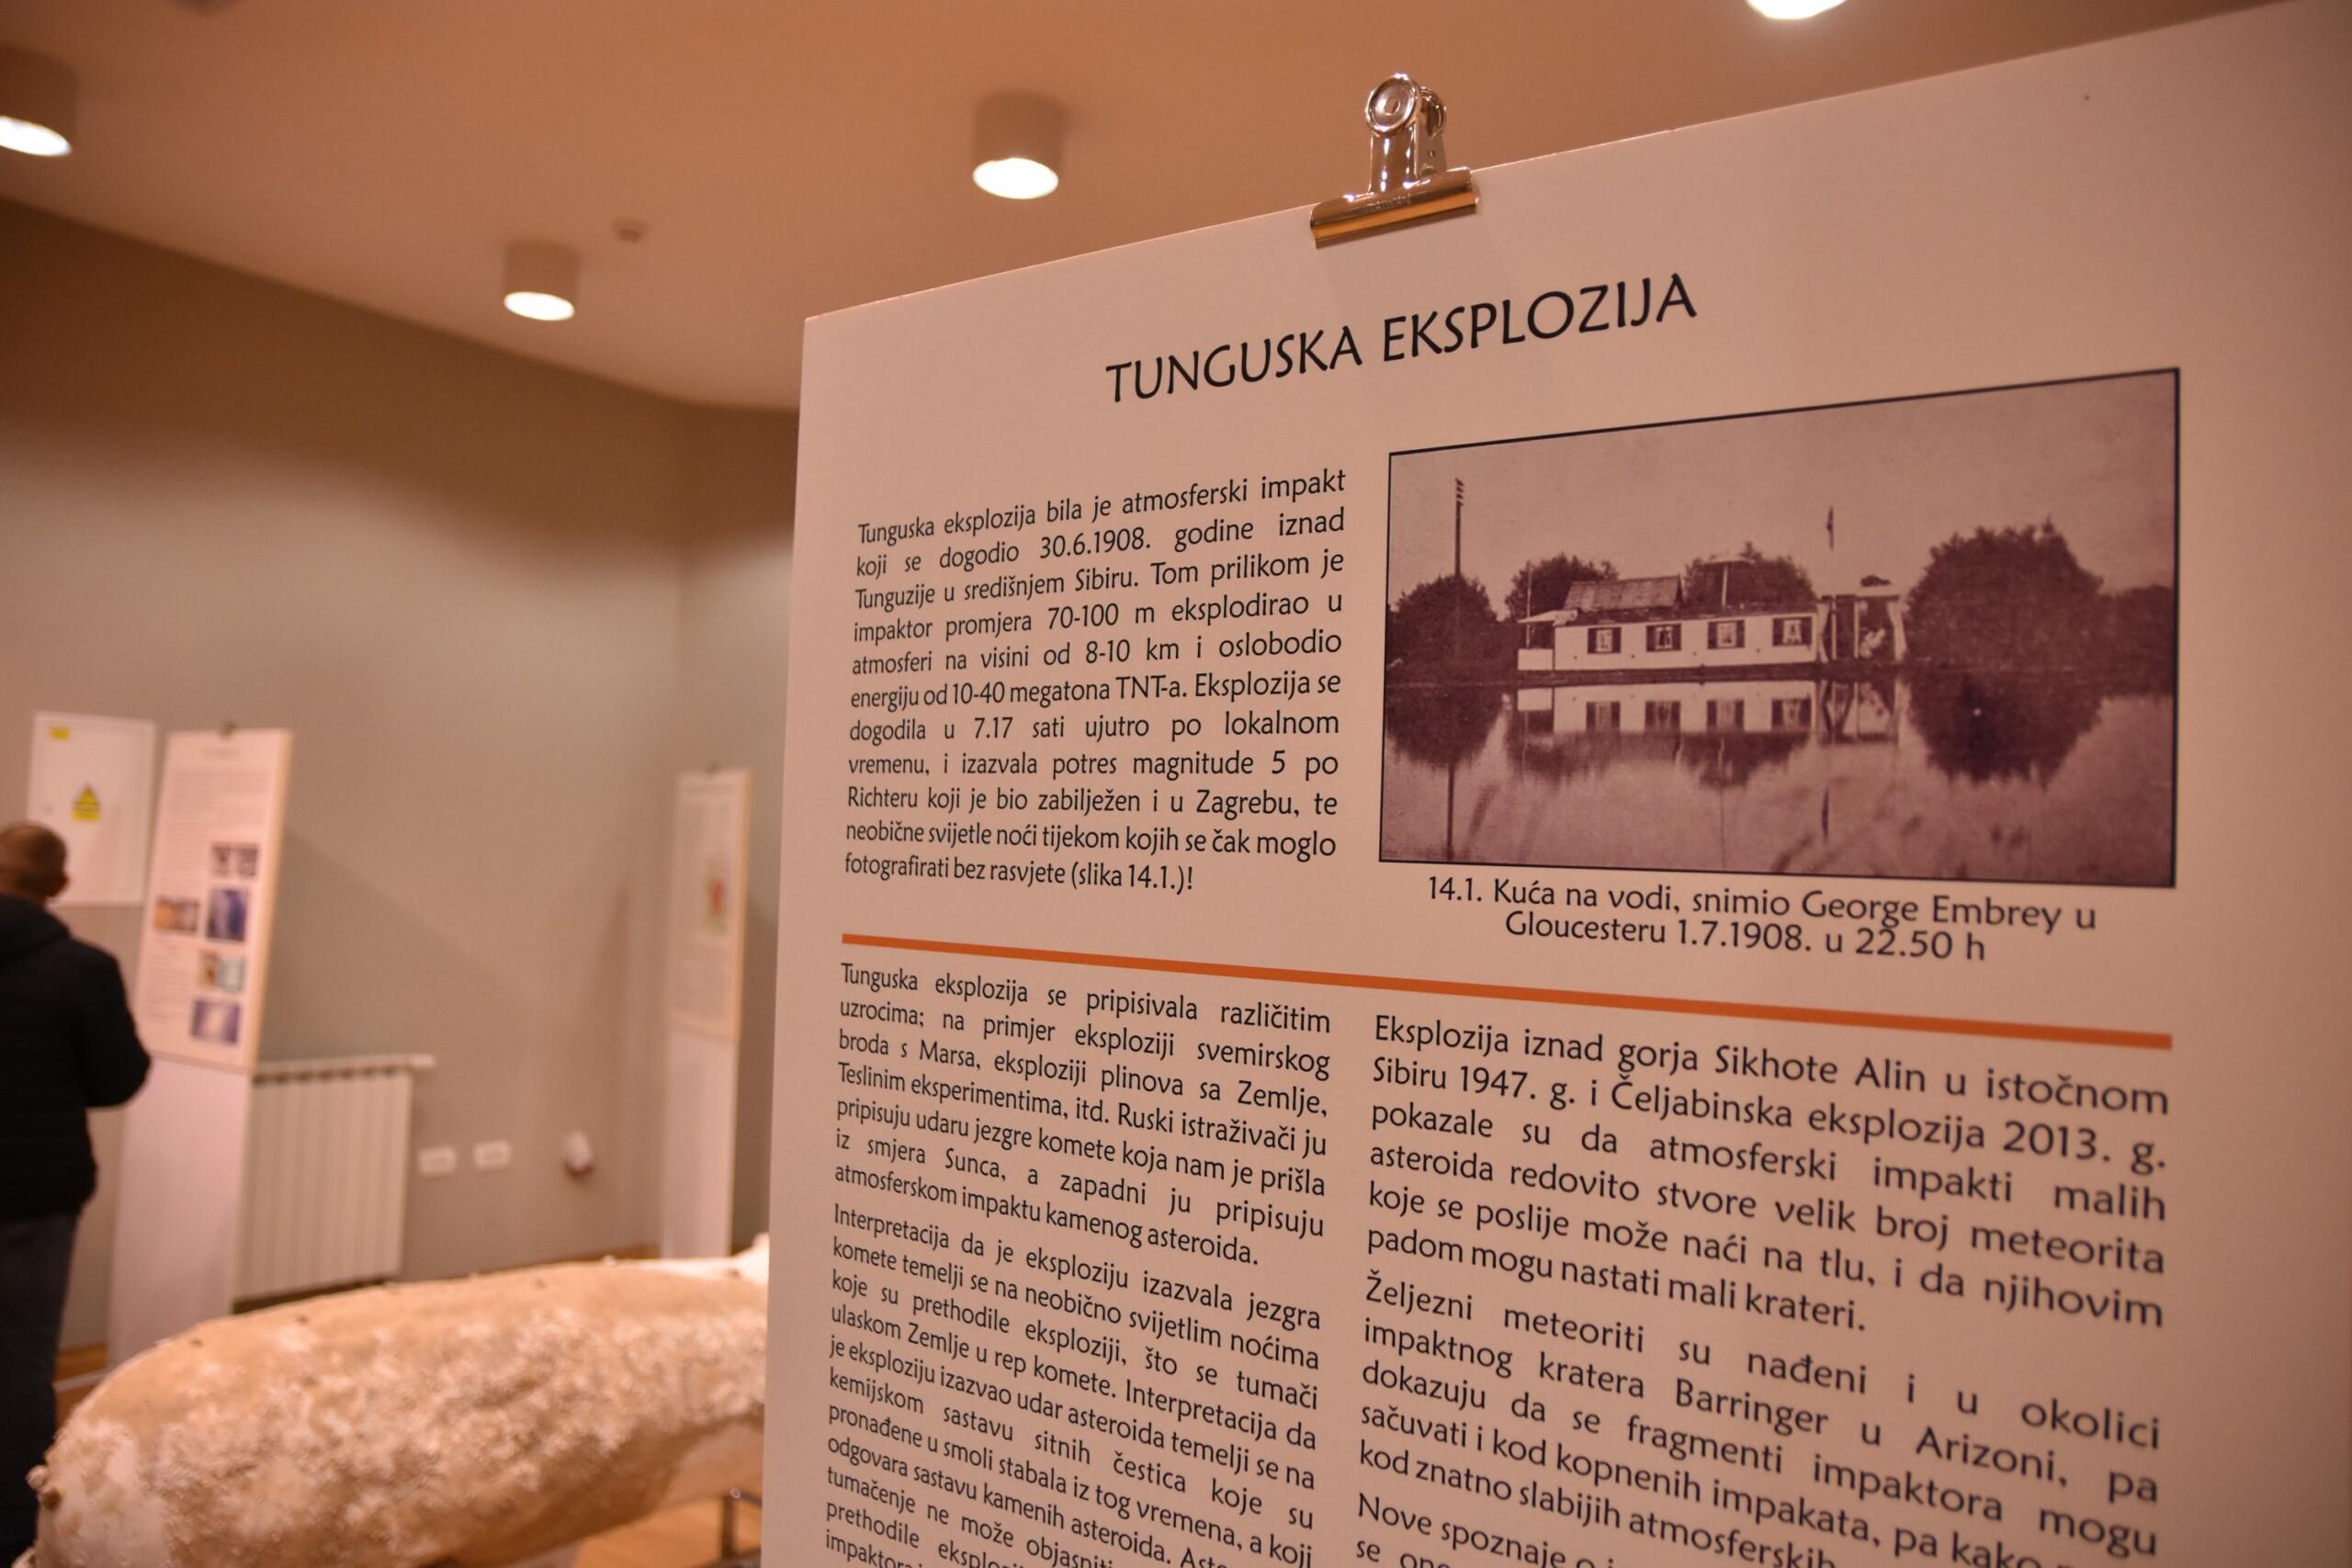 Jedan od 14 panela-postera na izložbi koji objašnjavaju impakte i izloške (foto A.Dundović)